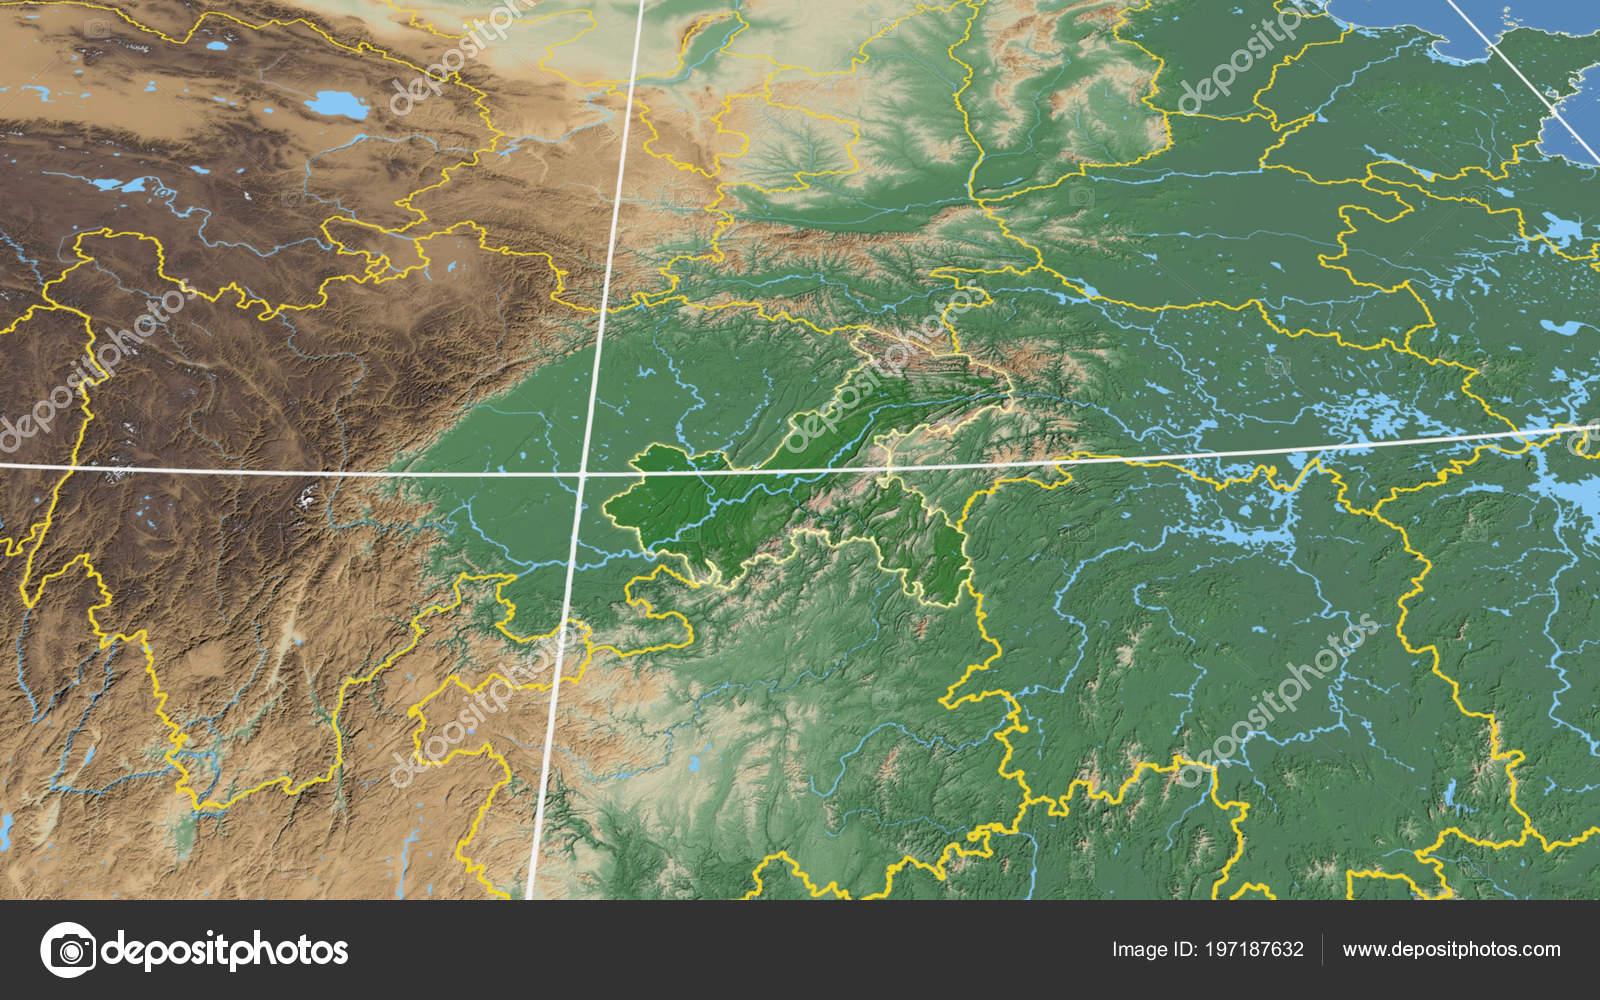 China Karte Physisch.Chongqing Region Von China Beschrieben Physische Karte Der Farbe